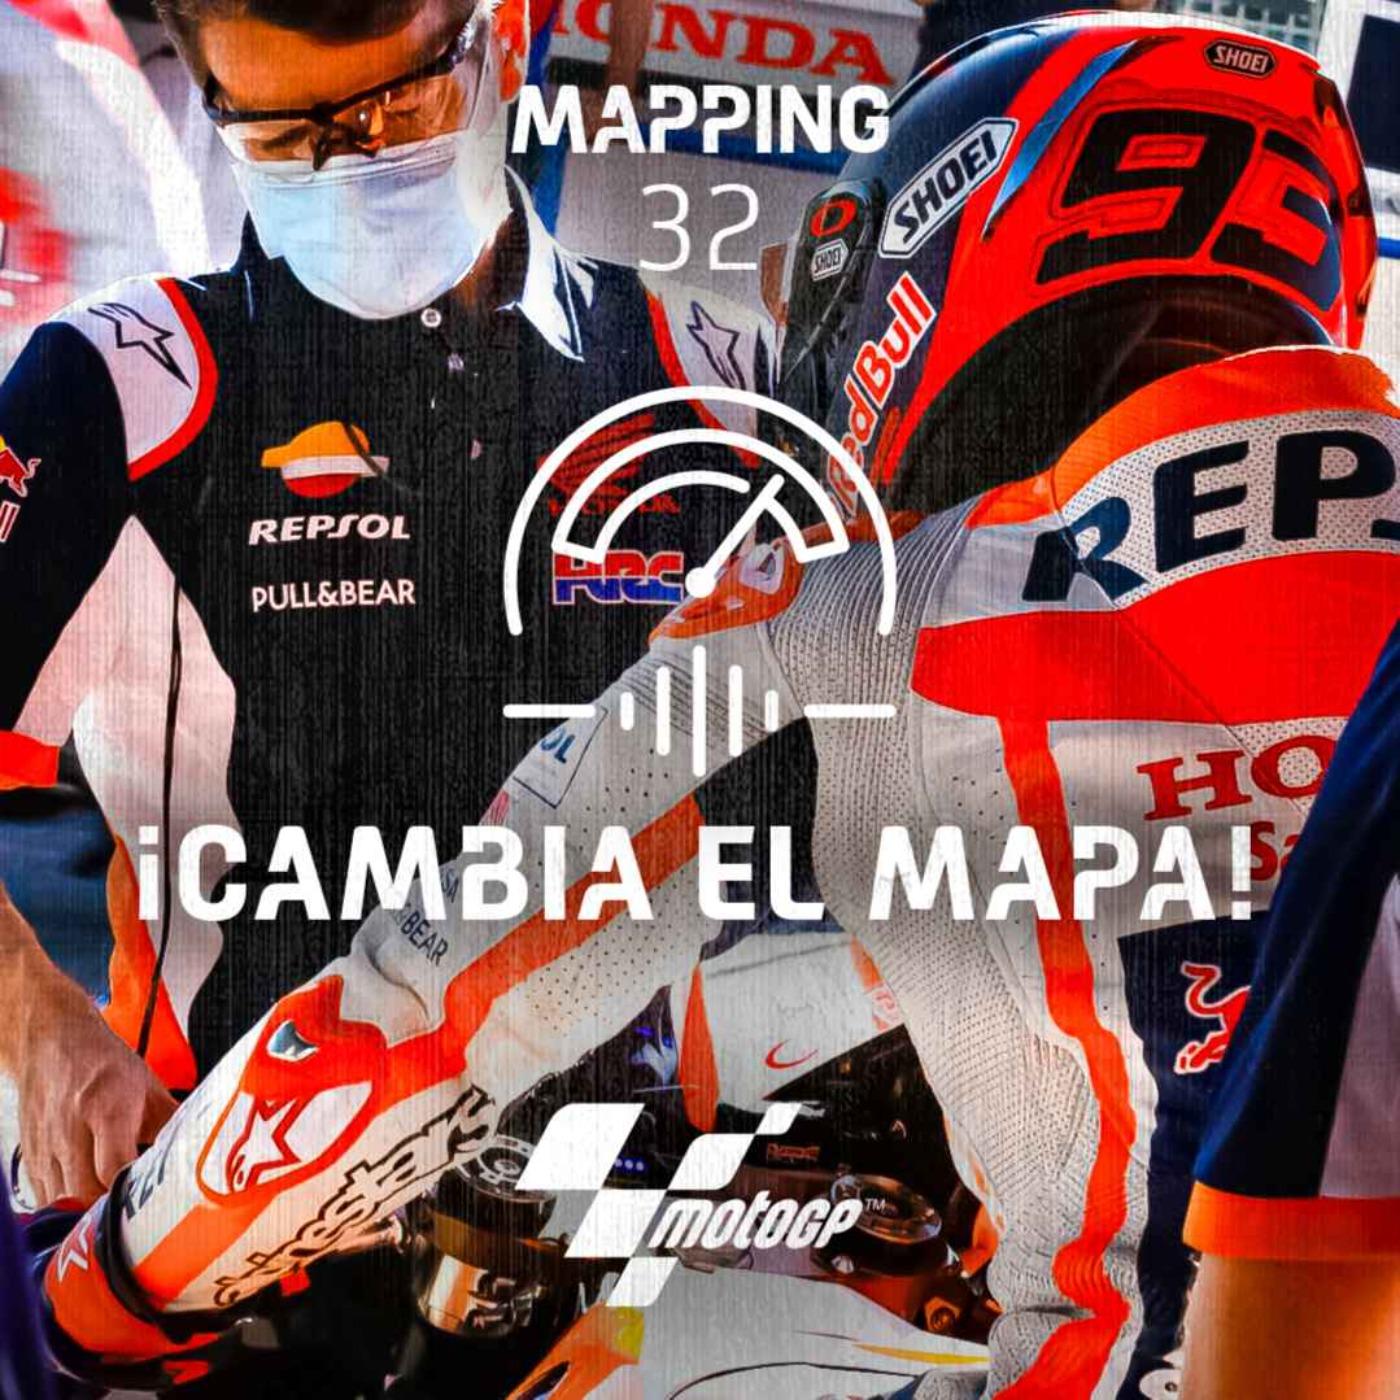 Mapping 32: La lección aprendida de Honda y la previa de Le Mans